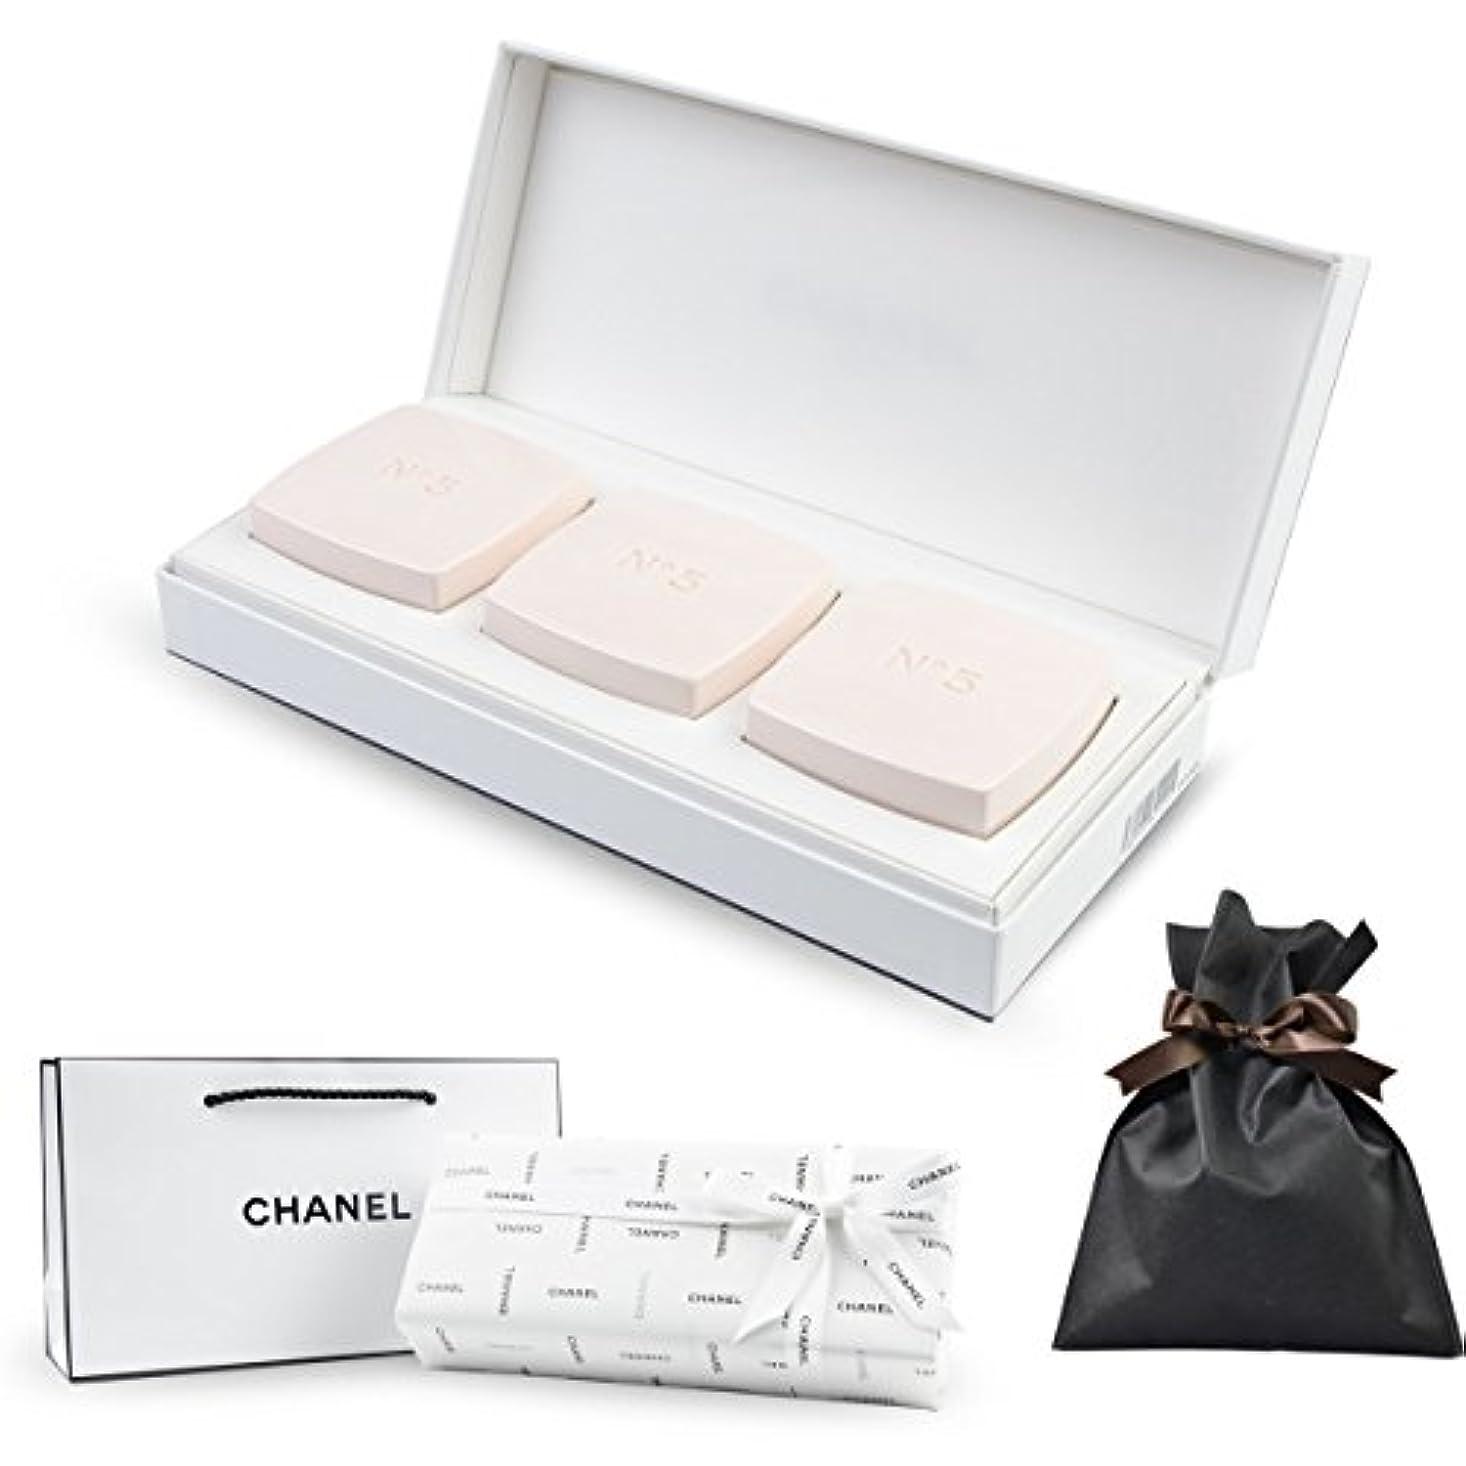 会議塗抹みがきます[セット品] ギフトラッピング済 CHANEL シャネル 国内正規品 N°5 サヴォン ギフトコレクション 石鹸 3個セット シャネルショップバッグ付 ボディソープ